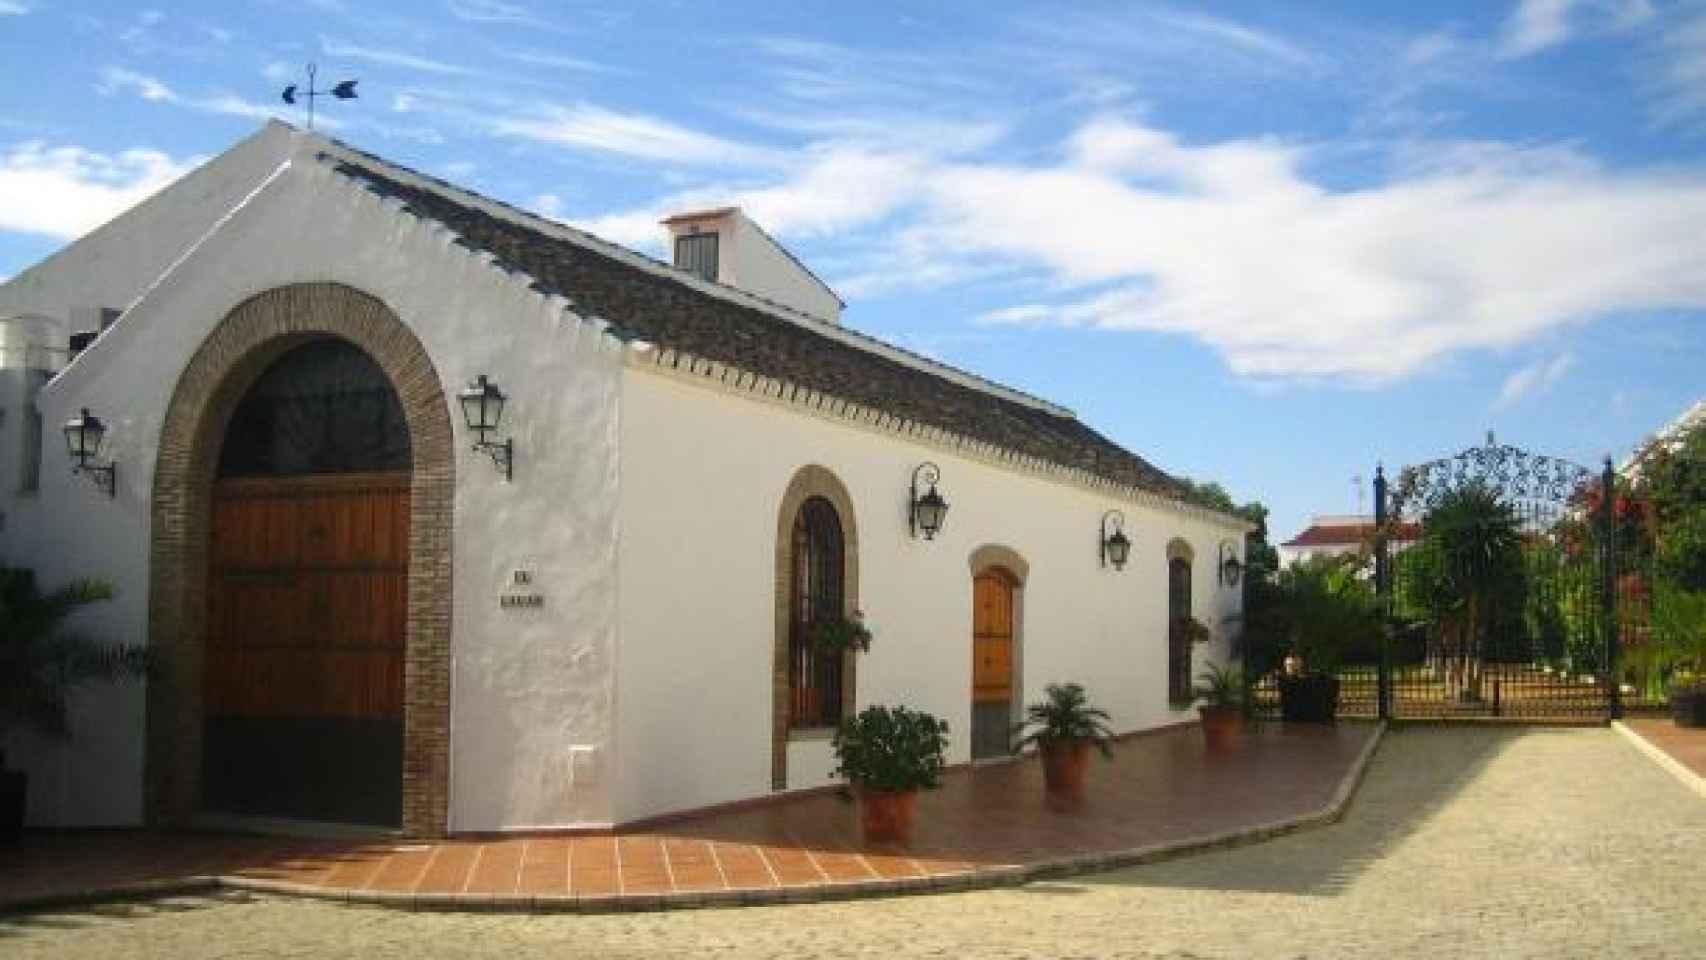 Fachada de la Hacienda de Santa María donde se celebra el banquete